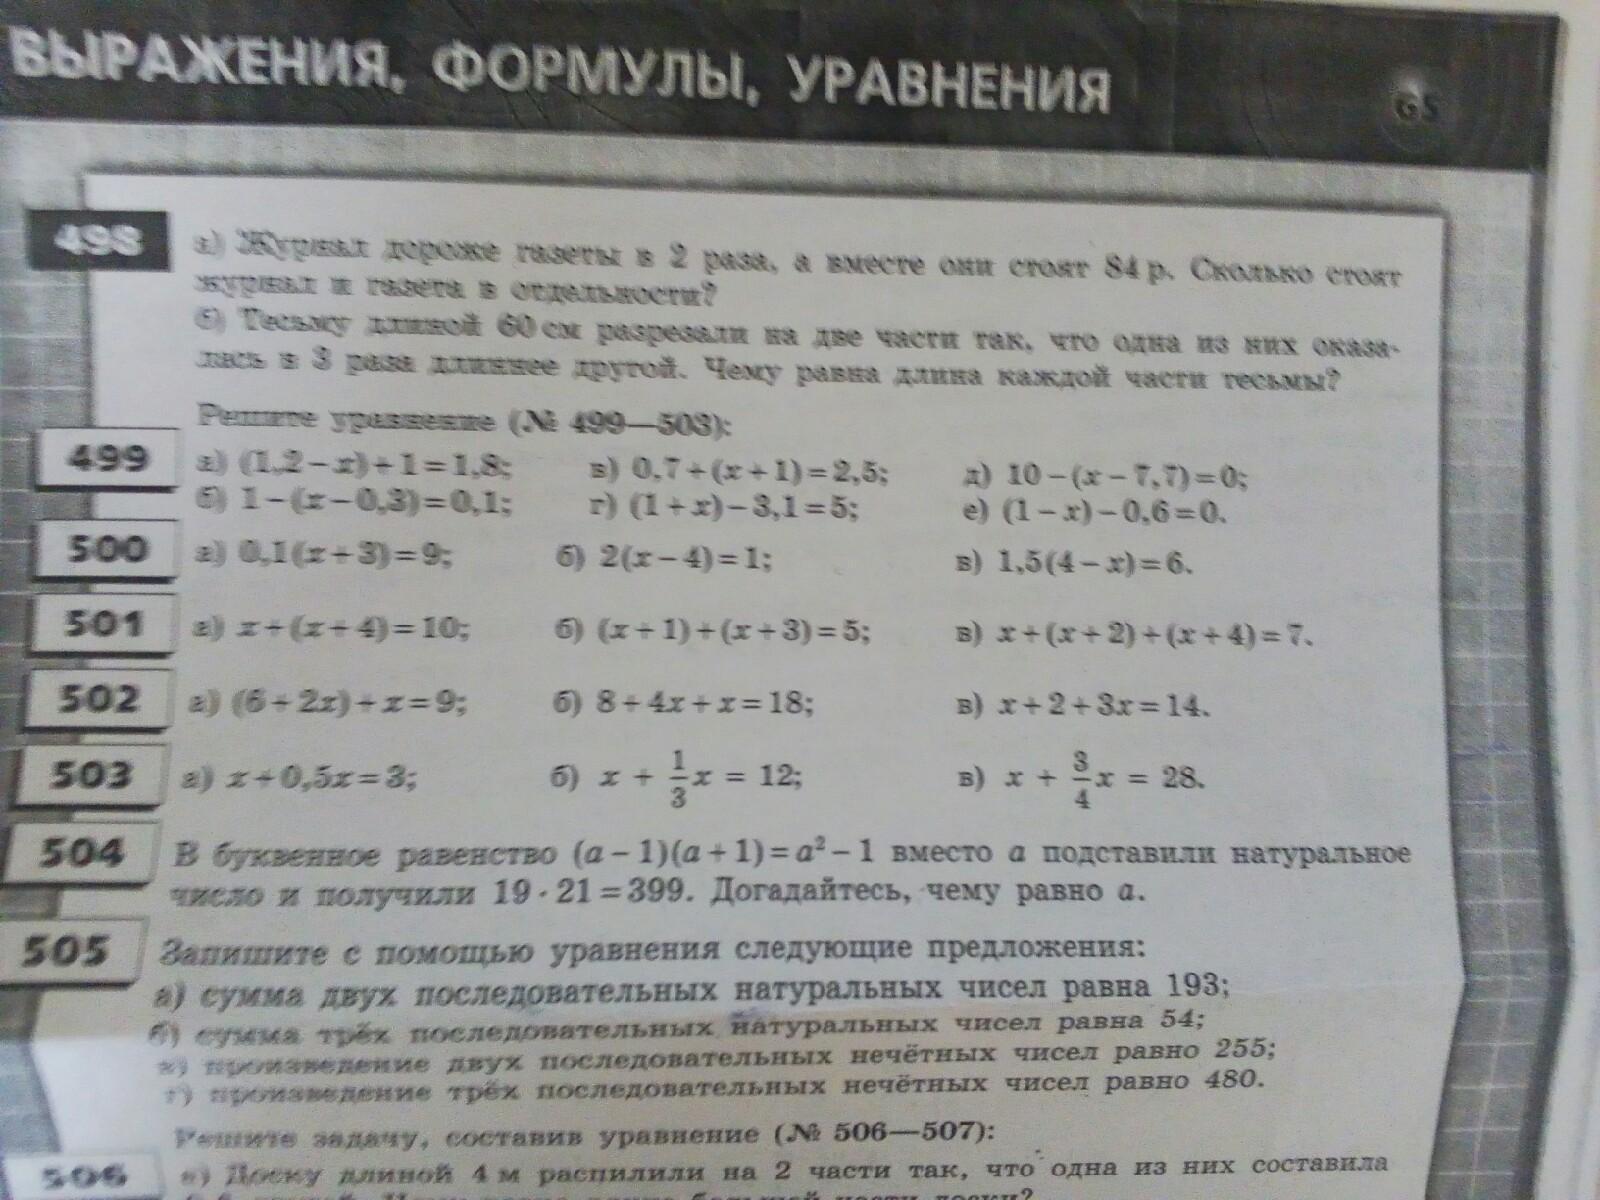 Решите пожалуйста уравнения 500